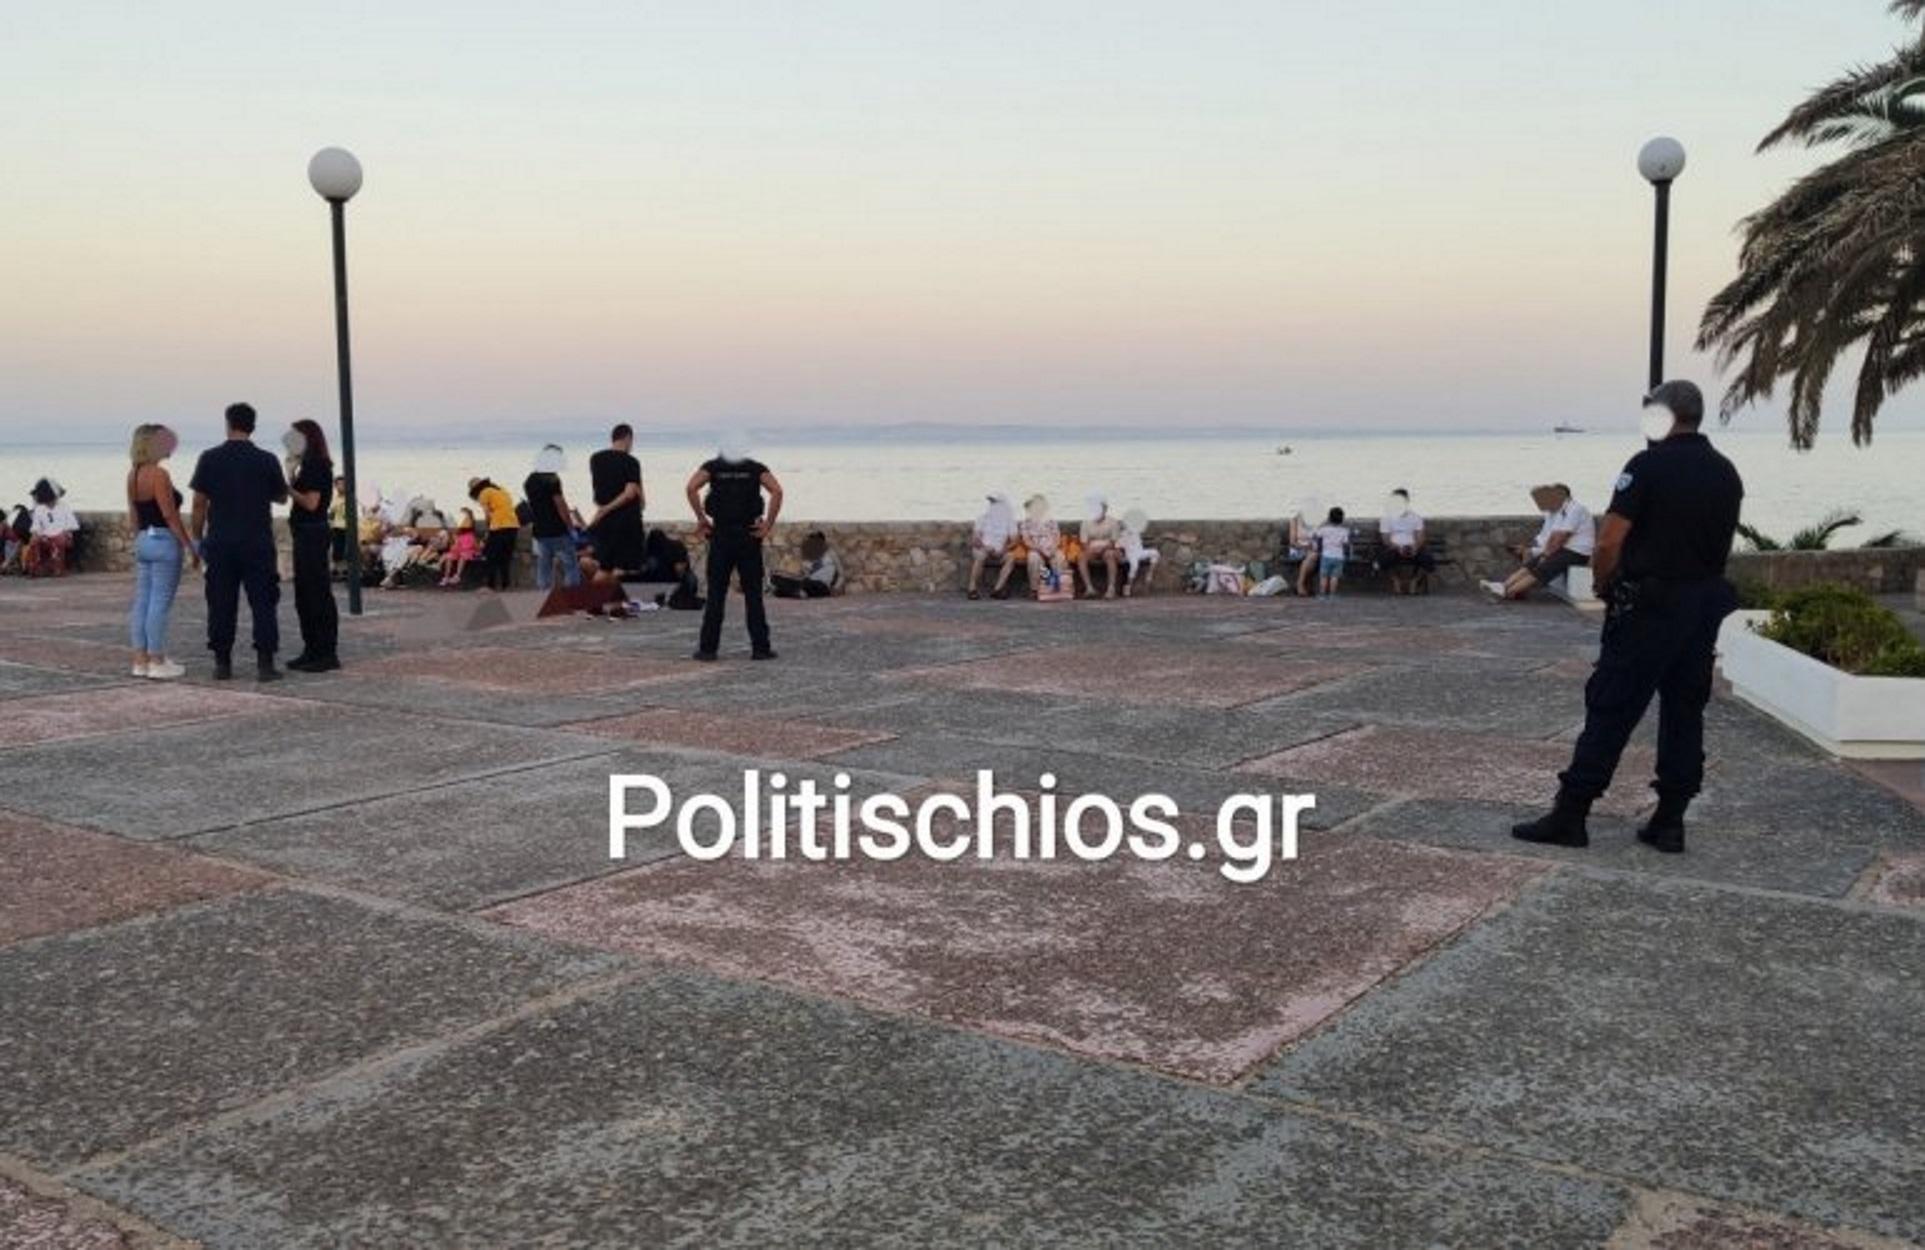 """Τούρκοι στη Χίο! """"Ζητούν πολιτικό άσυλο"""""""